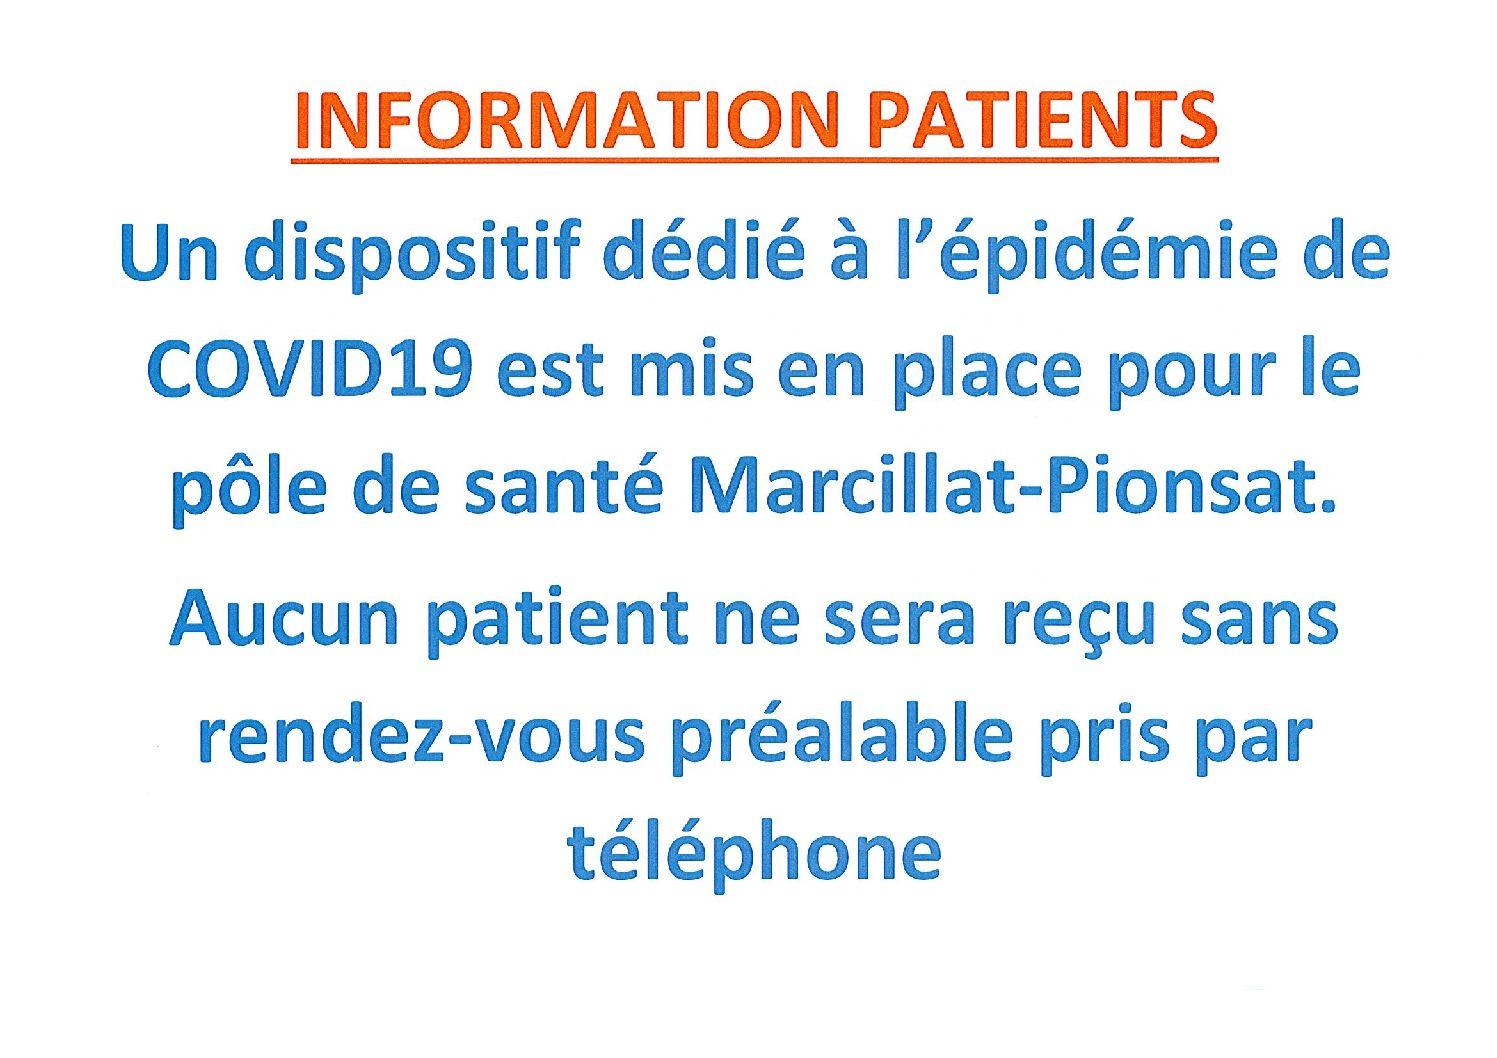 Maison de santé – prise de rendez-vous téléphonique obligatoire